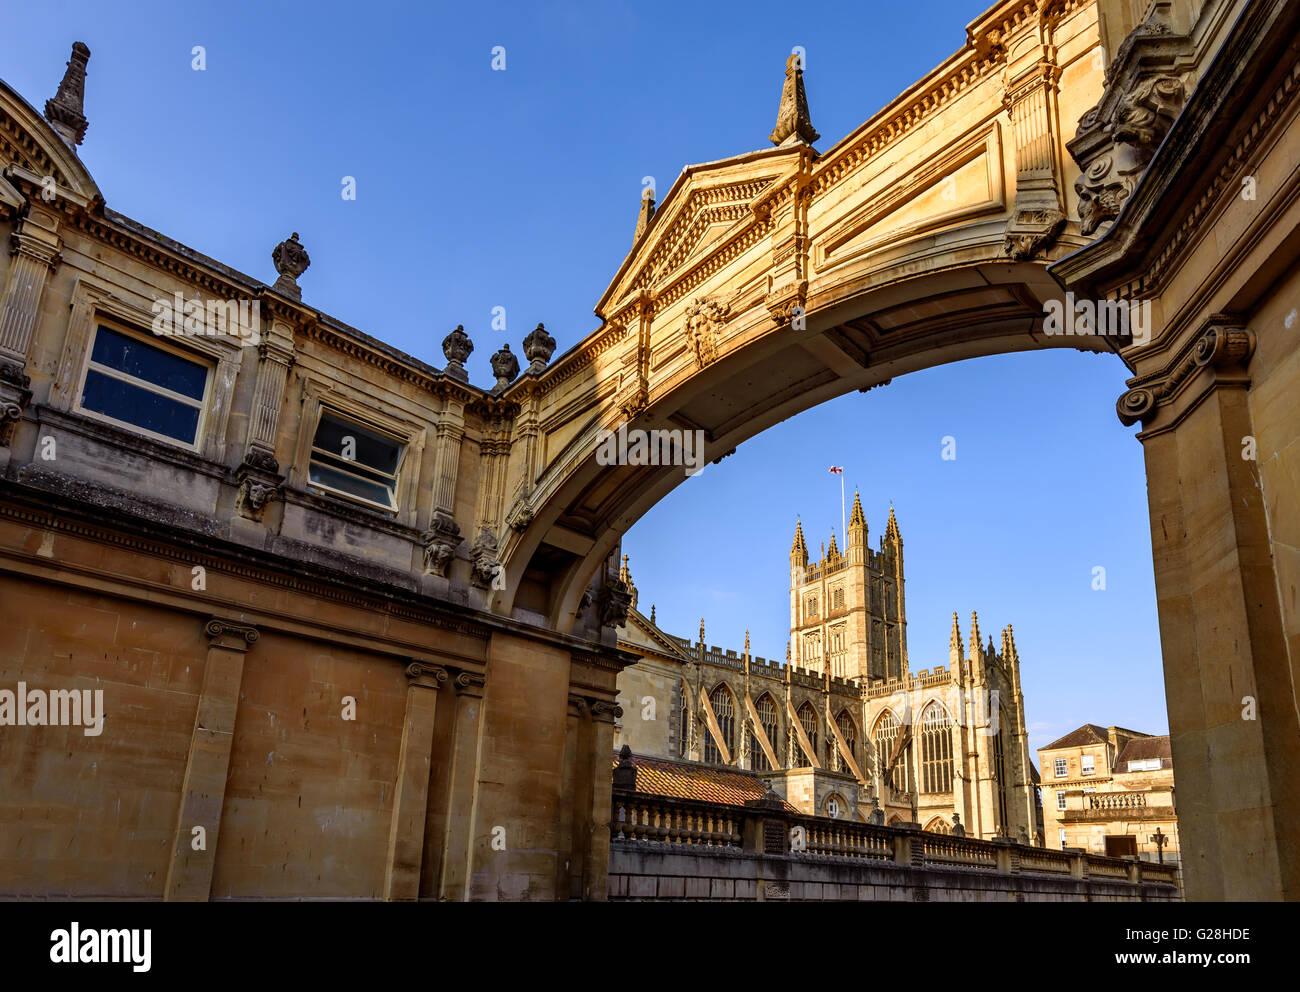 La storica cattedrale di Bath in Bath City, Regno Unito Immagini Stock